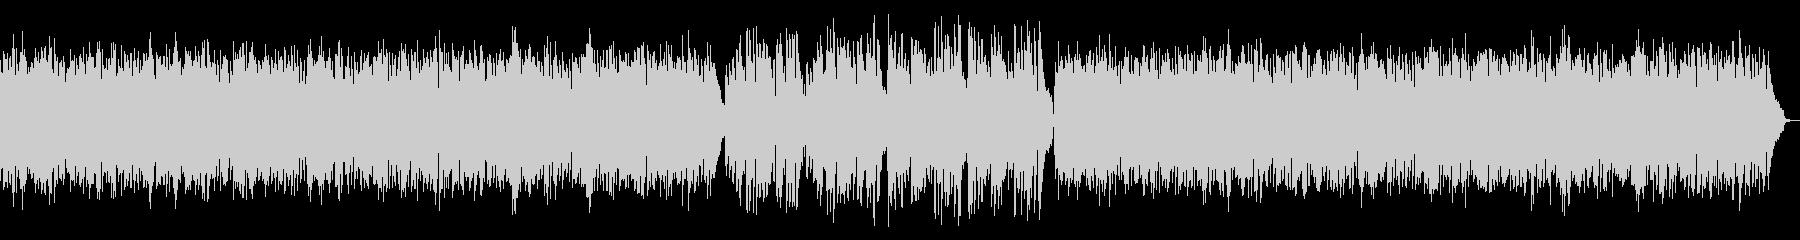 軽快で優美なチェンバロ バロック・高音質の未再生の波形